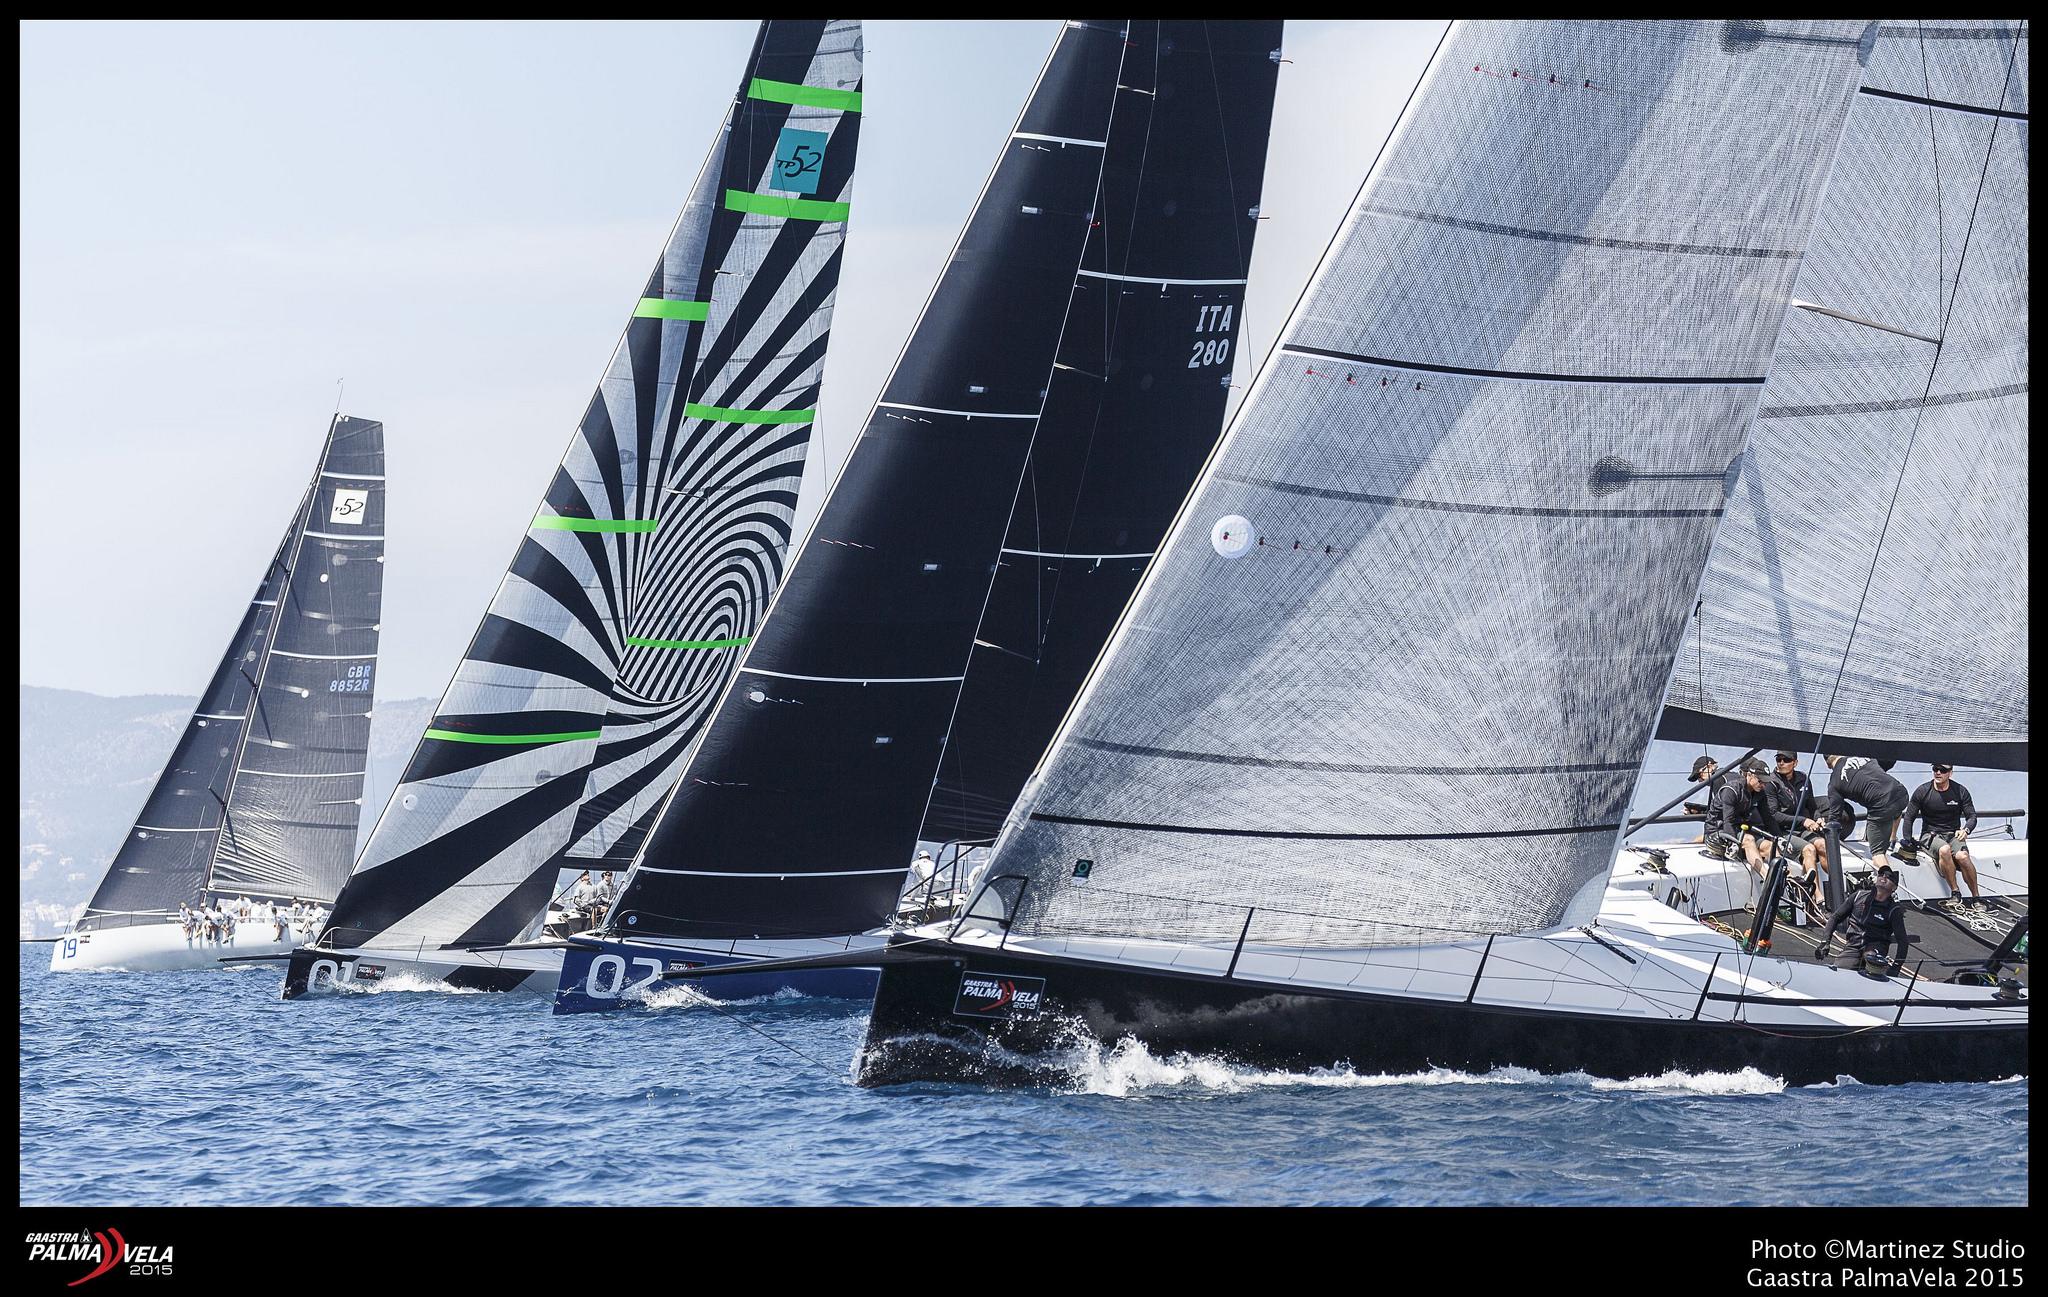 La flota de TP52 durante la salida de una de las dos pruebas disputadas hoy en Palma.